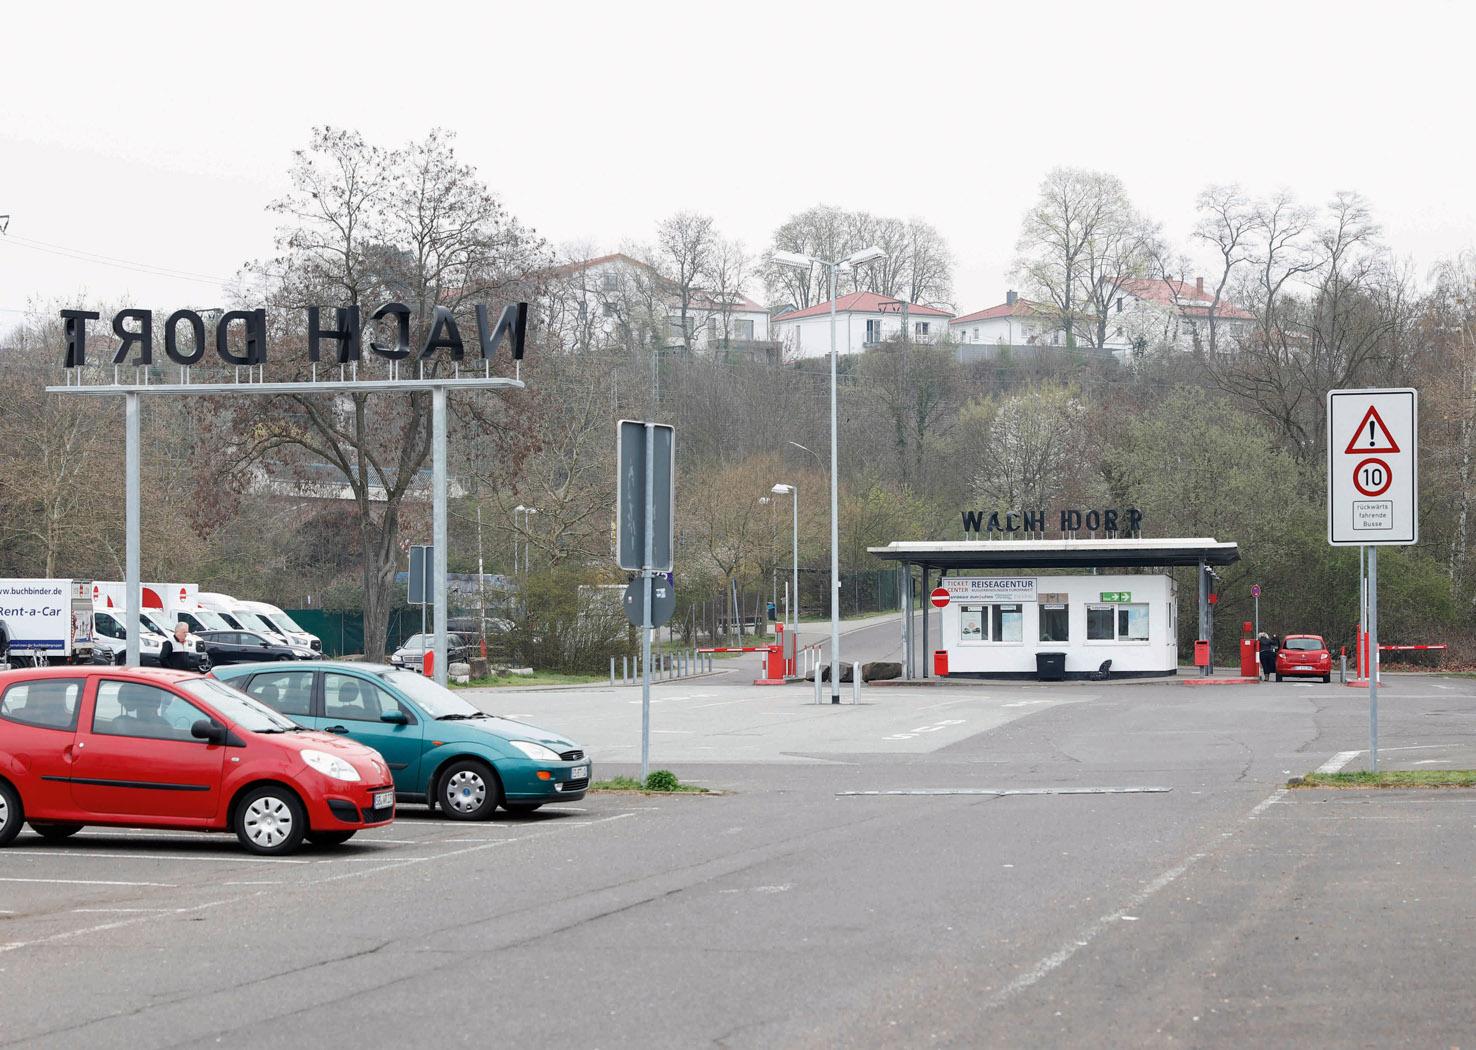 VON HIER / NACH DORT (ein sprachliches Vexierbild), 2018, Busbahnhof Saarbrücken (permanente Installation)